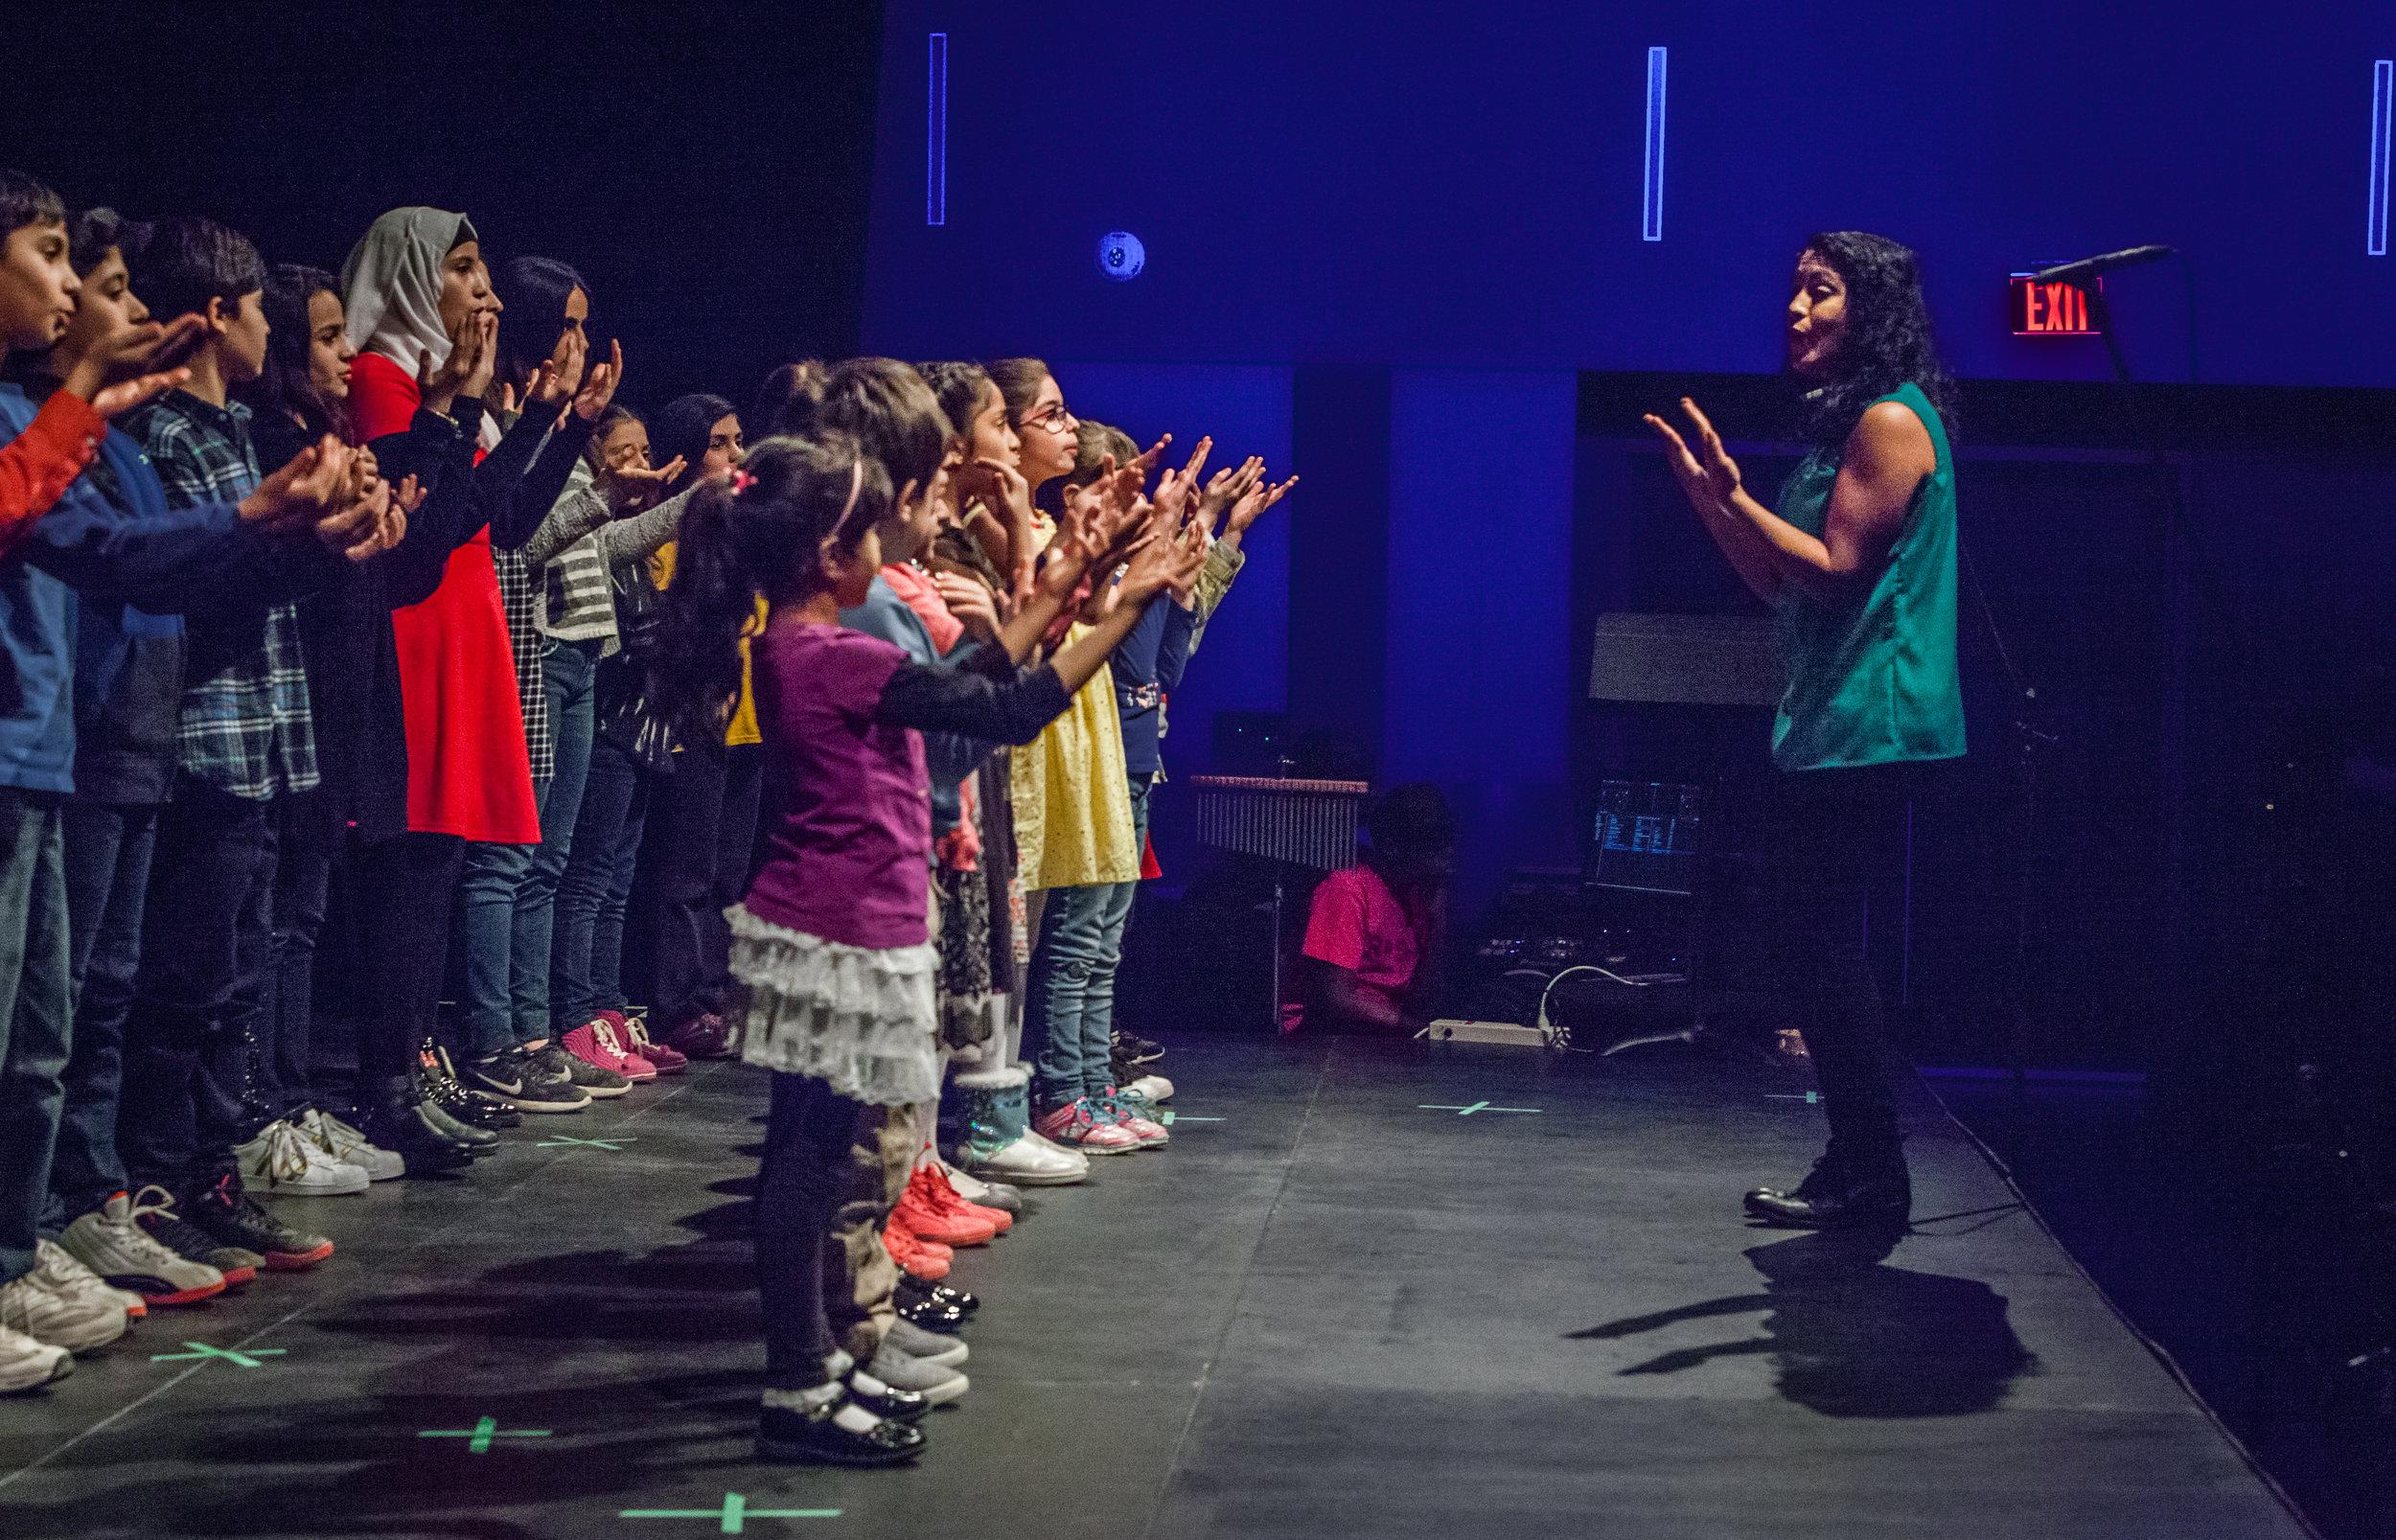 RPSM teacher Tahirih directed Nai Choir at Regent Park School of Music Recital in 2018